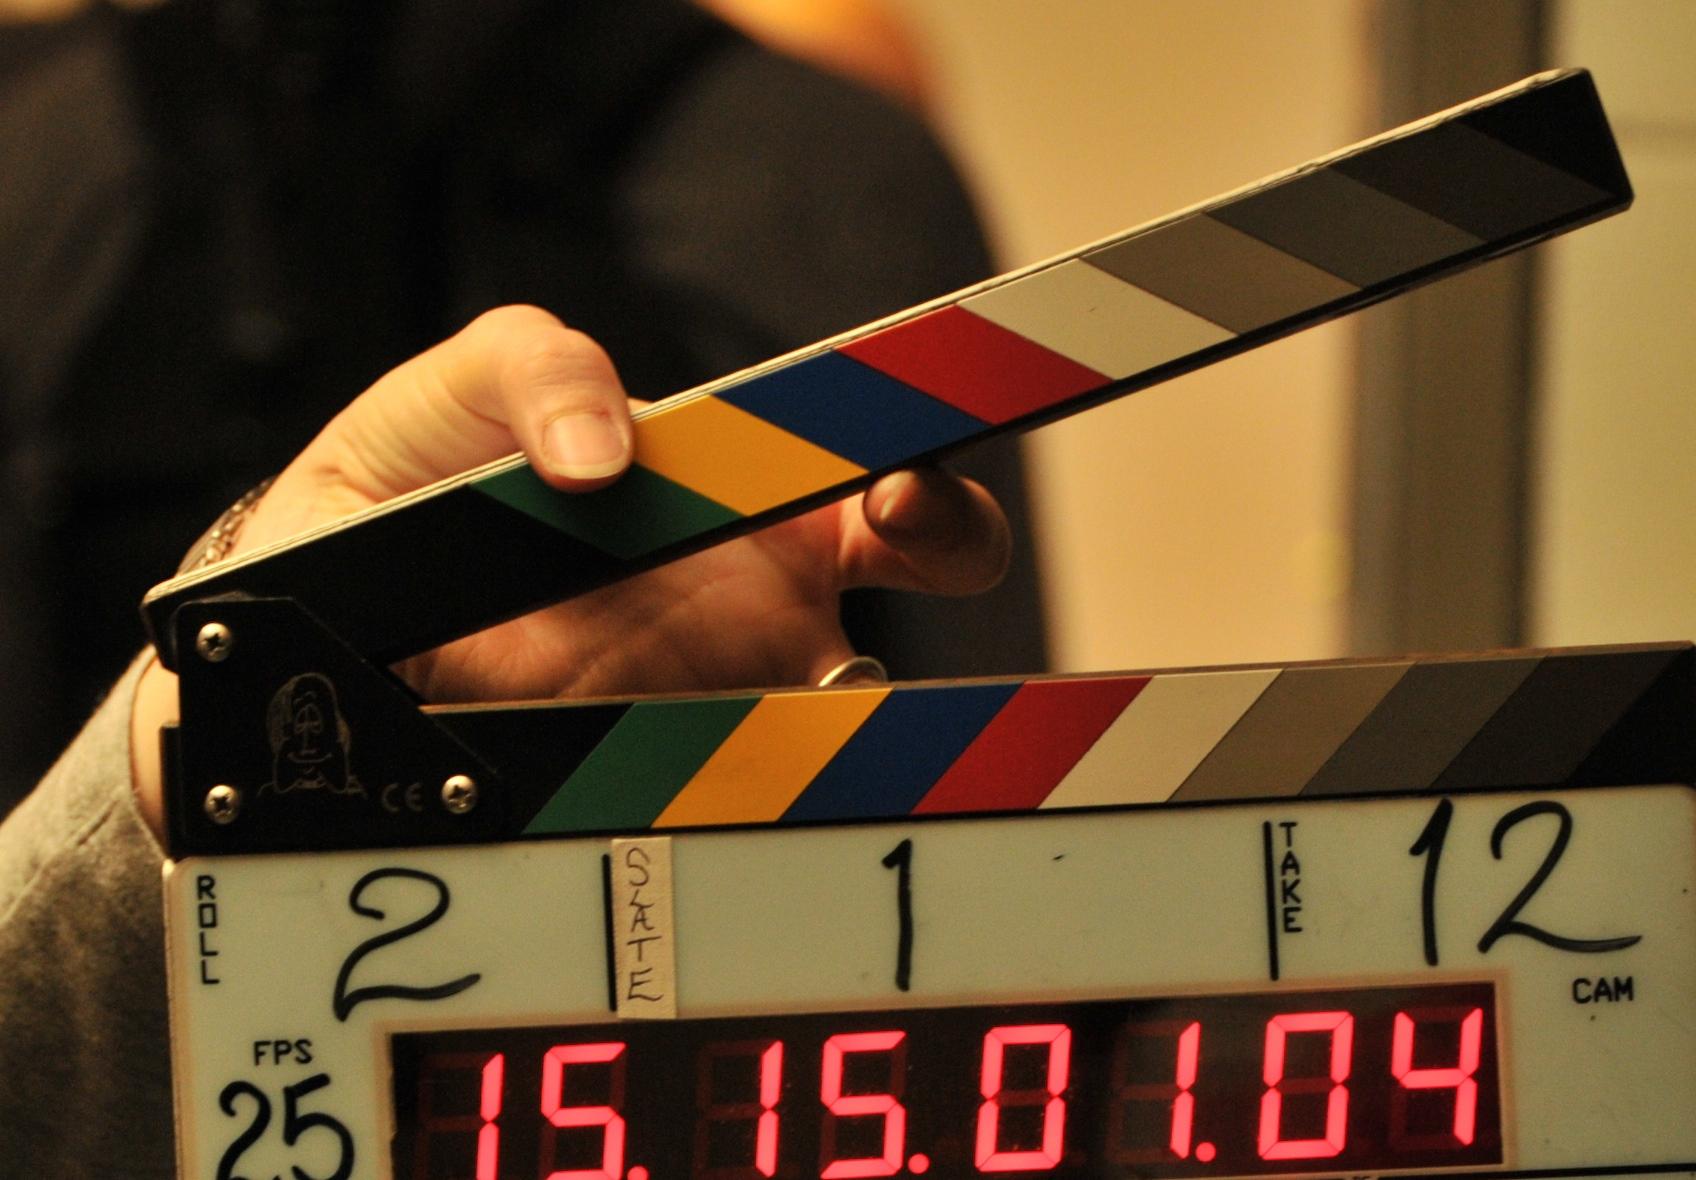 """La Subsecretaría de Cultura presentó el Programa Municipal """"Pergamino: Set de Filmación"""". El objetivo general es insertar a la actividad audiovisual de la ciudad en el formato industrial. Primero se realizará una charla abierta e informativa, el 11 de mayo a las 14hs en el teatro Municipal Unión Ferroviaria, destinada profesionales que trabajan en la temática (directores, guionistas, camarógrafos, fotógrafos, actores, productores, etc.). Luego se llevará a cabo un relevamiento técnico y humano, donde se conocerán las propuestas, las actividades y las herramientas disponibles, y por último se creará una plataforma virtual donde todos estos datos estarán escritos en una importante base de datos local."""